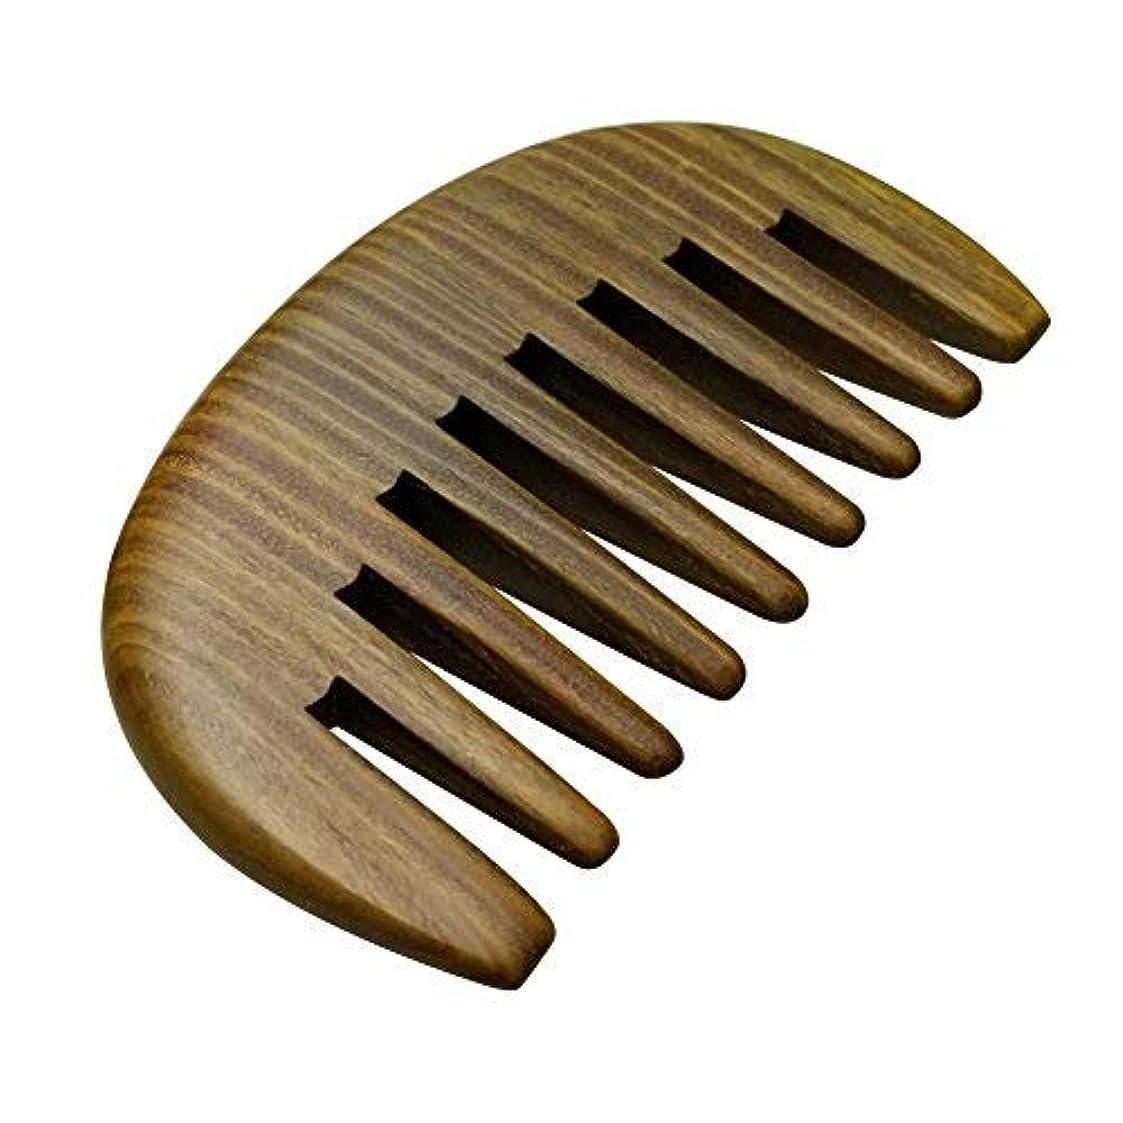 畝間武器調停者Hair Comb Wooden Wide Tooth Detangling Comb for Curly Hair Anti-Static Wood Combs Handmade Natural Sandalwood...